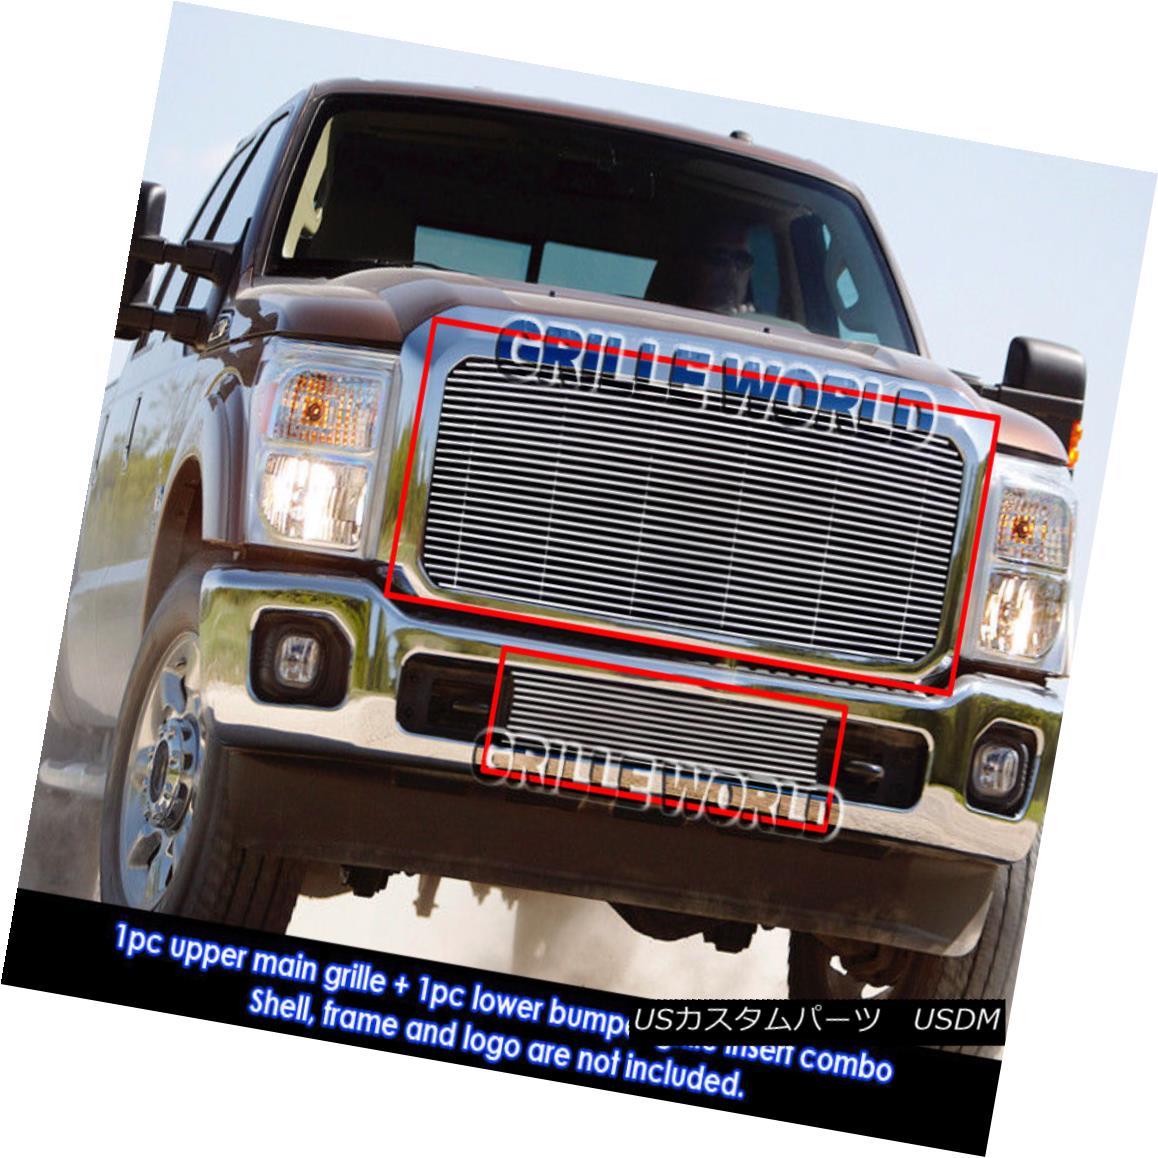 グリル For 11-12 F250/SD XLT/lariat/King Ranch Billet Grille Combo 11-12 F250 / SD XLT / Lariat / Kin gランチビレットグリルコンボ用